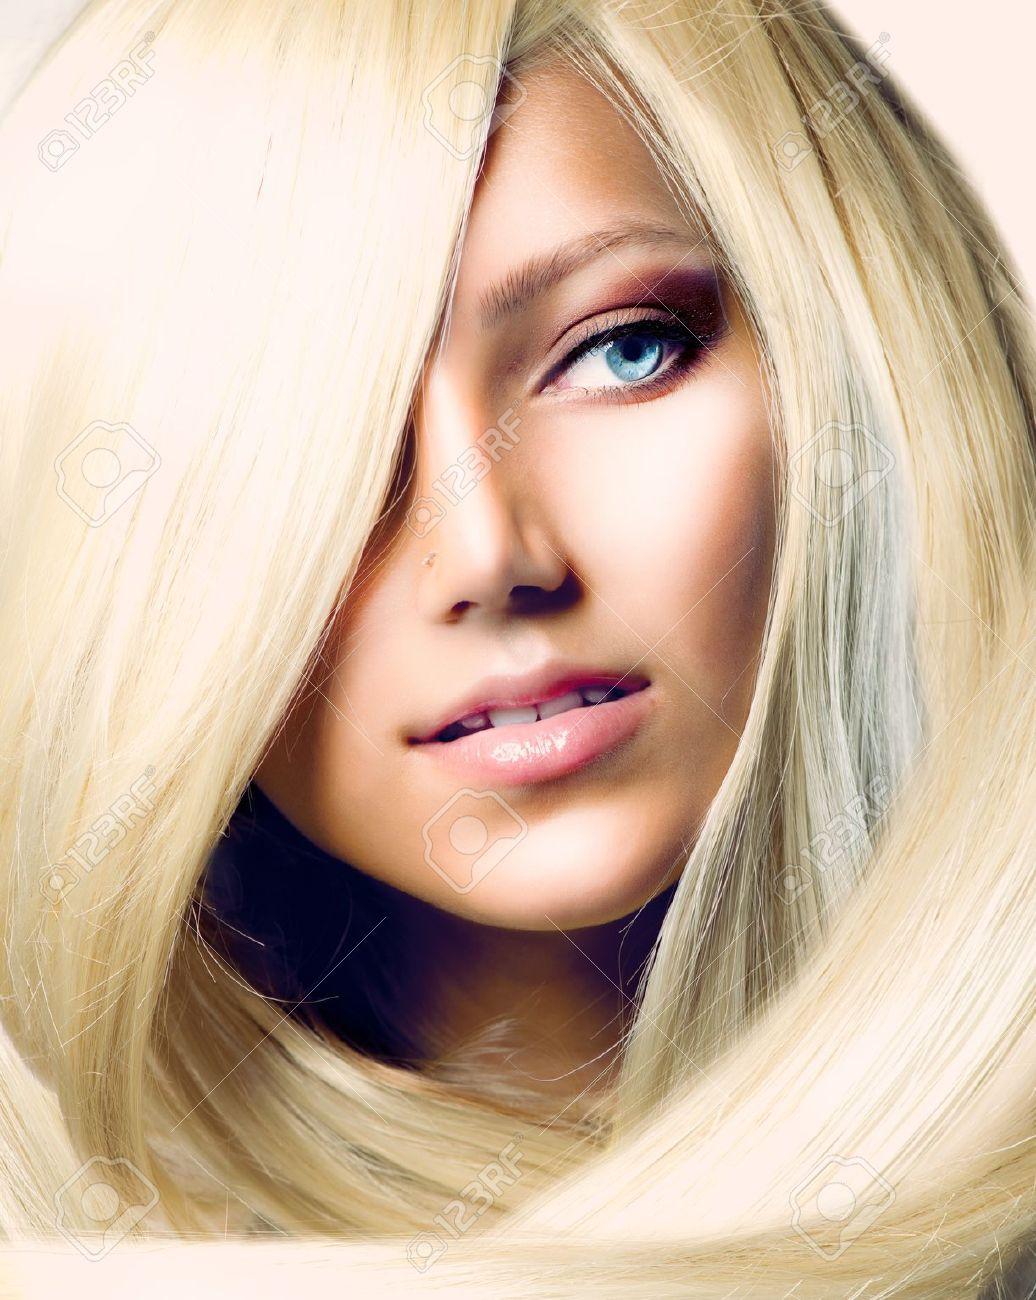 Девушки длинные светлые волосы фото